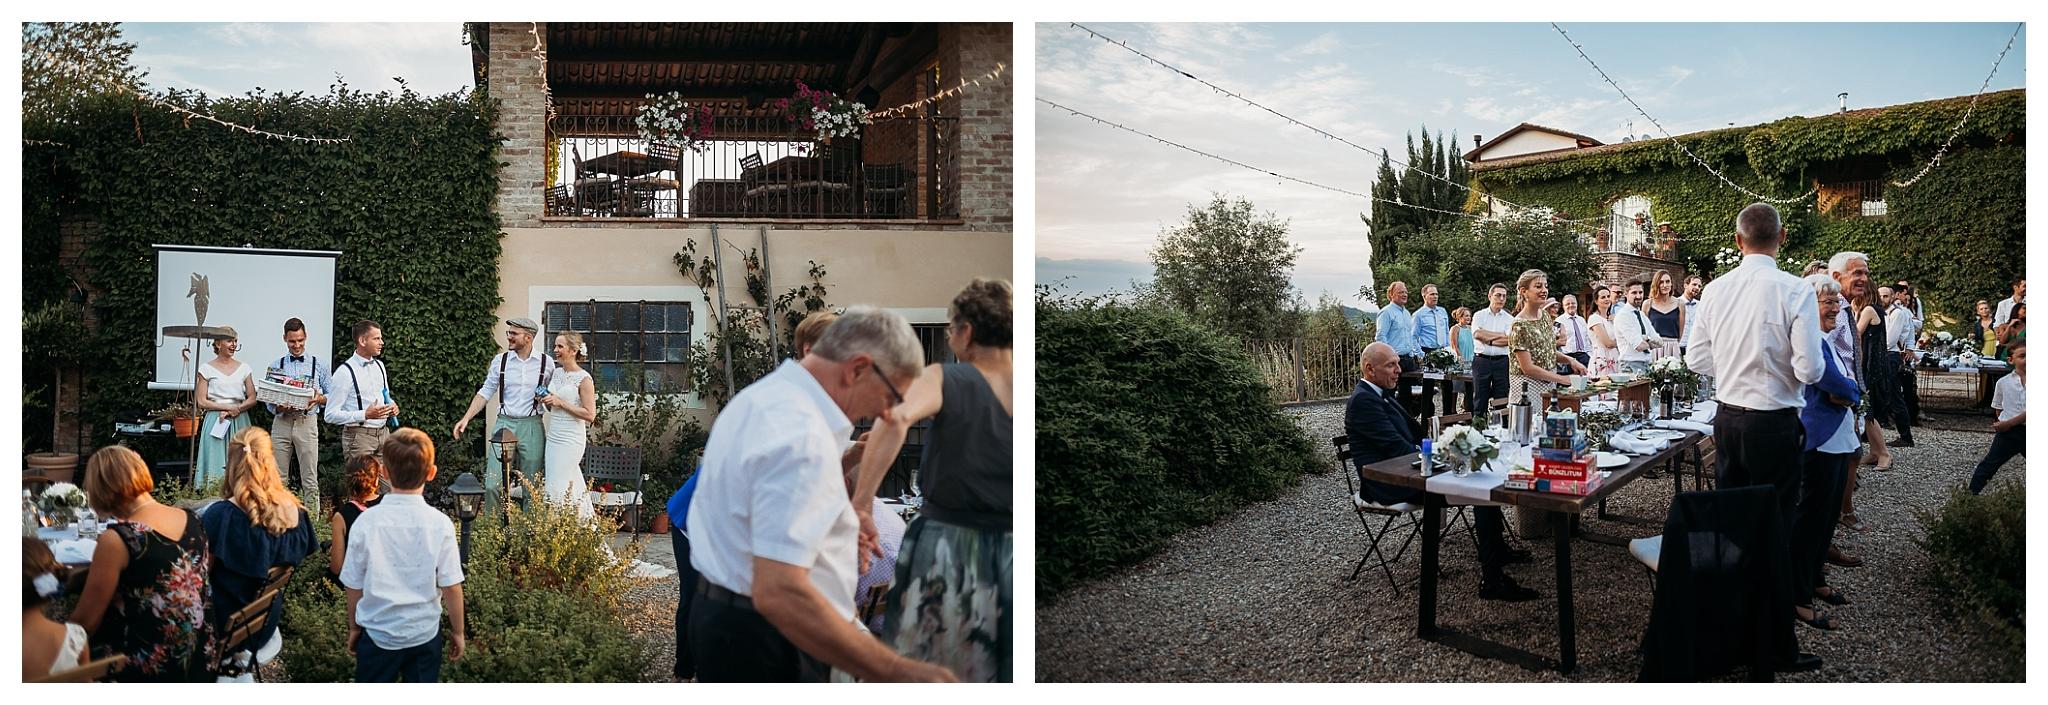 wedding dinner in the Italian countryside at La Villa Hotel, Mombaruzzo